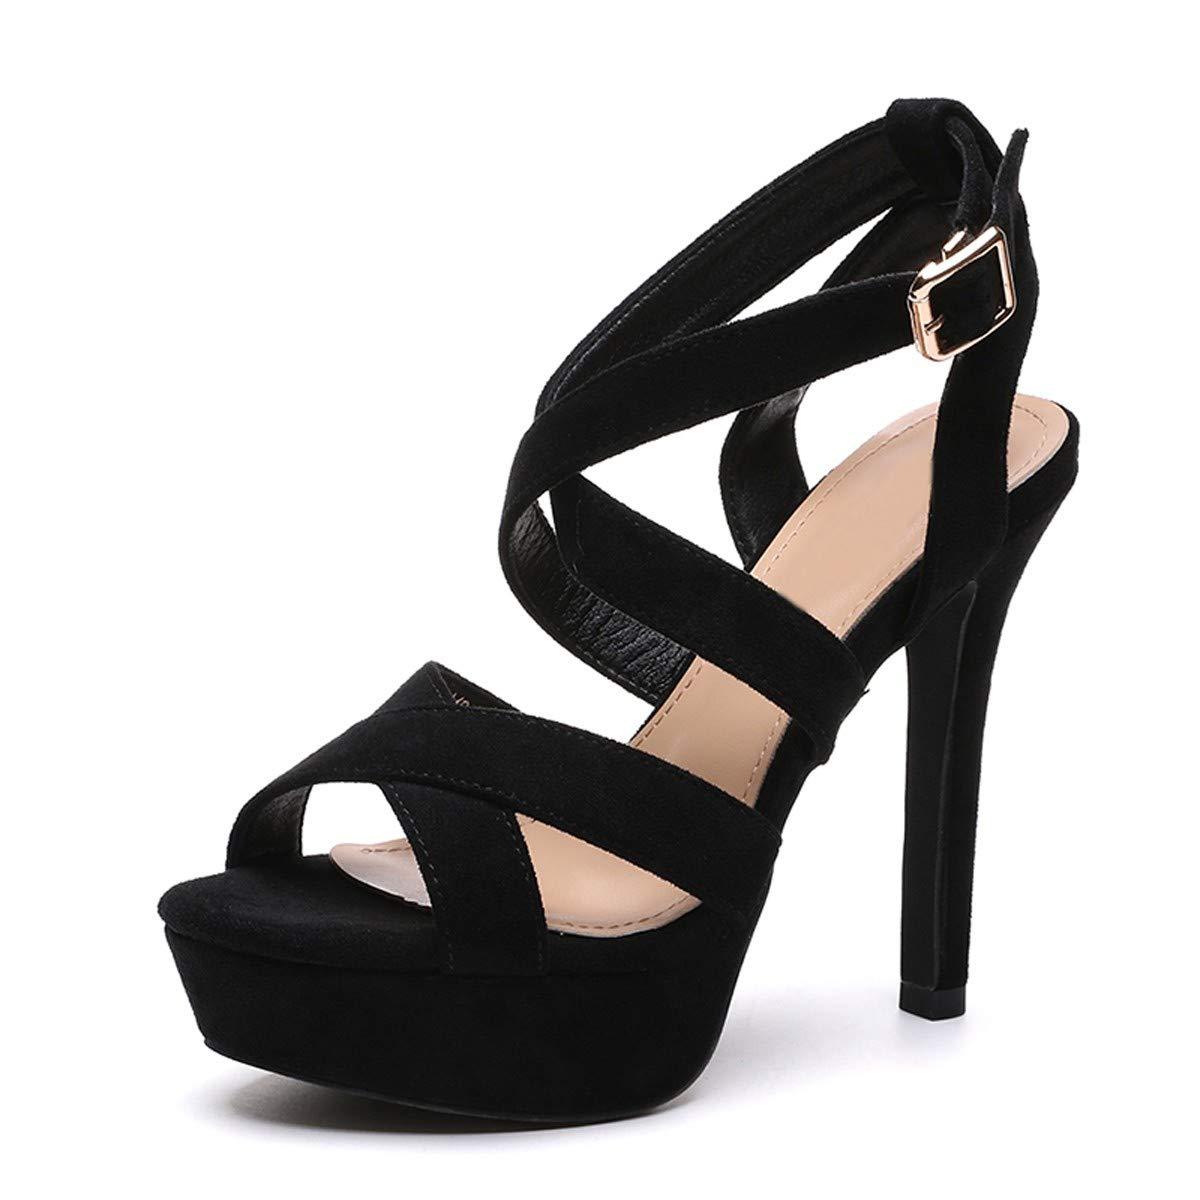 LBTSQ-Sandaleen Cross-Riemchen High Heels 12Cm Mach Meine Fische Mund Schuhe Wasserdicht Tabelle Sexy Roman Ladies'Schuhes